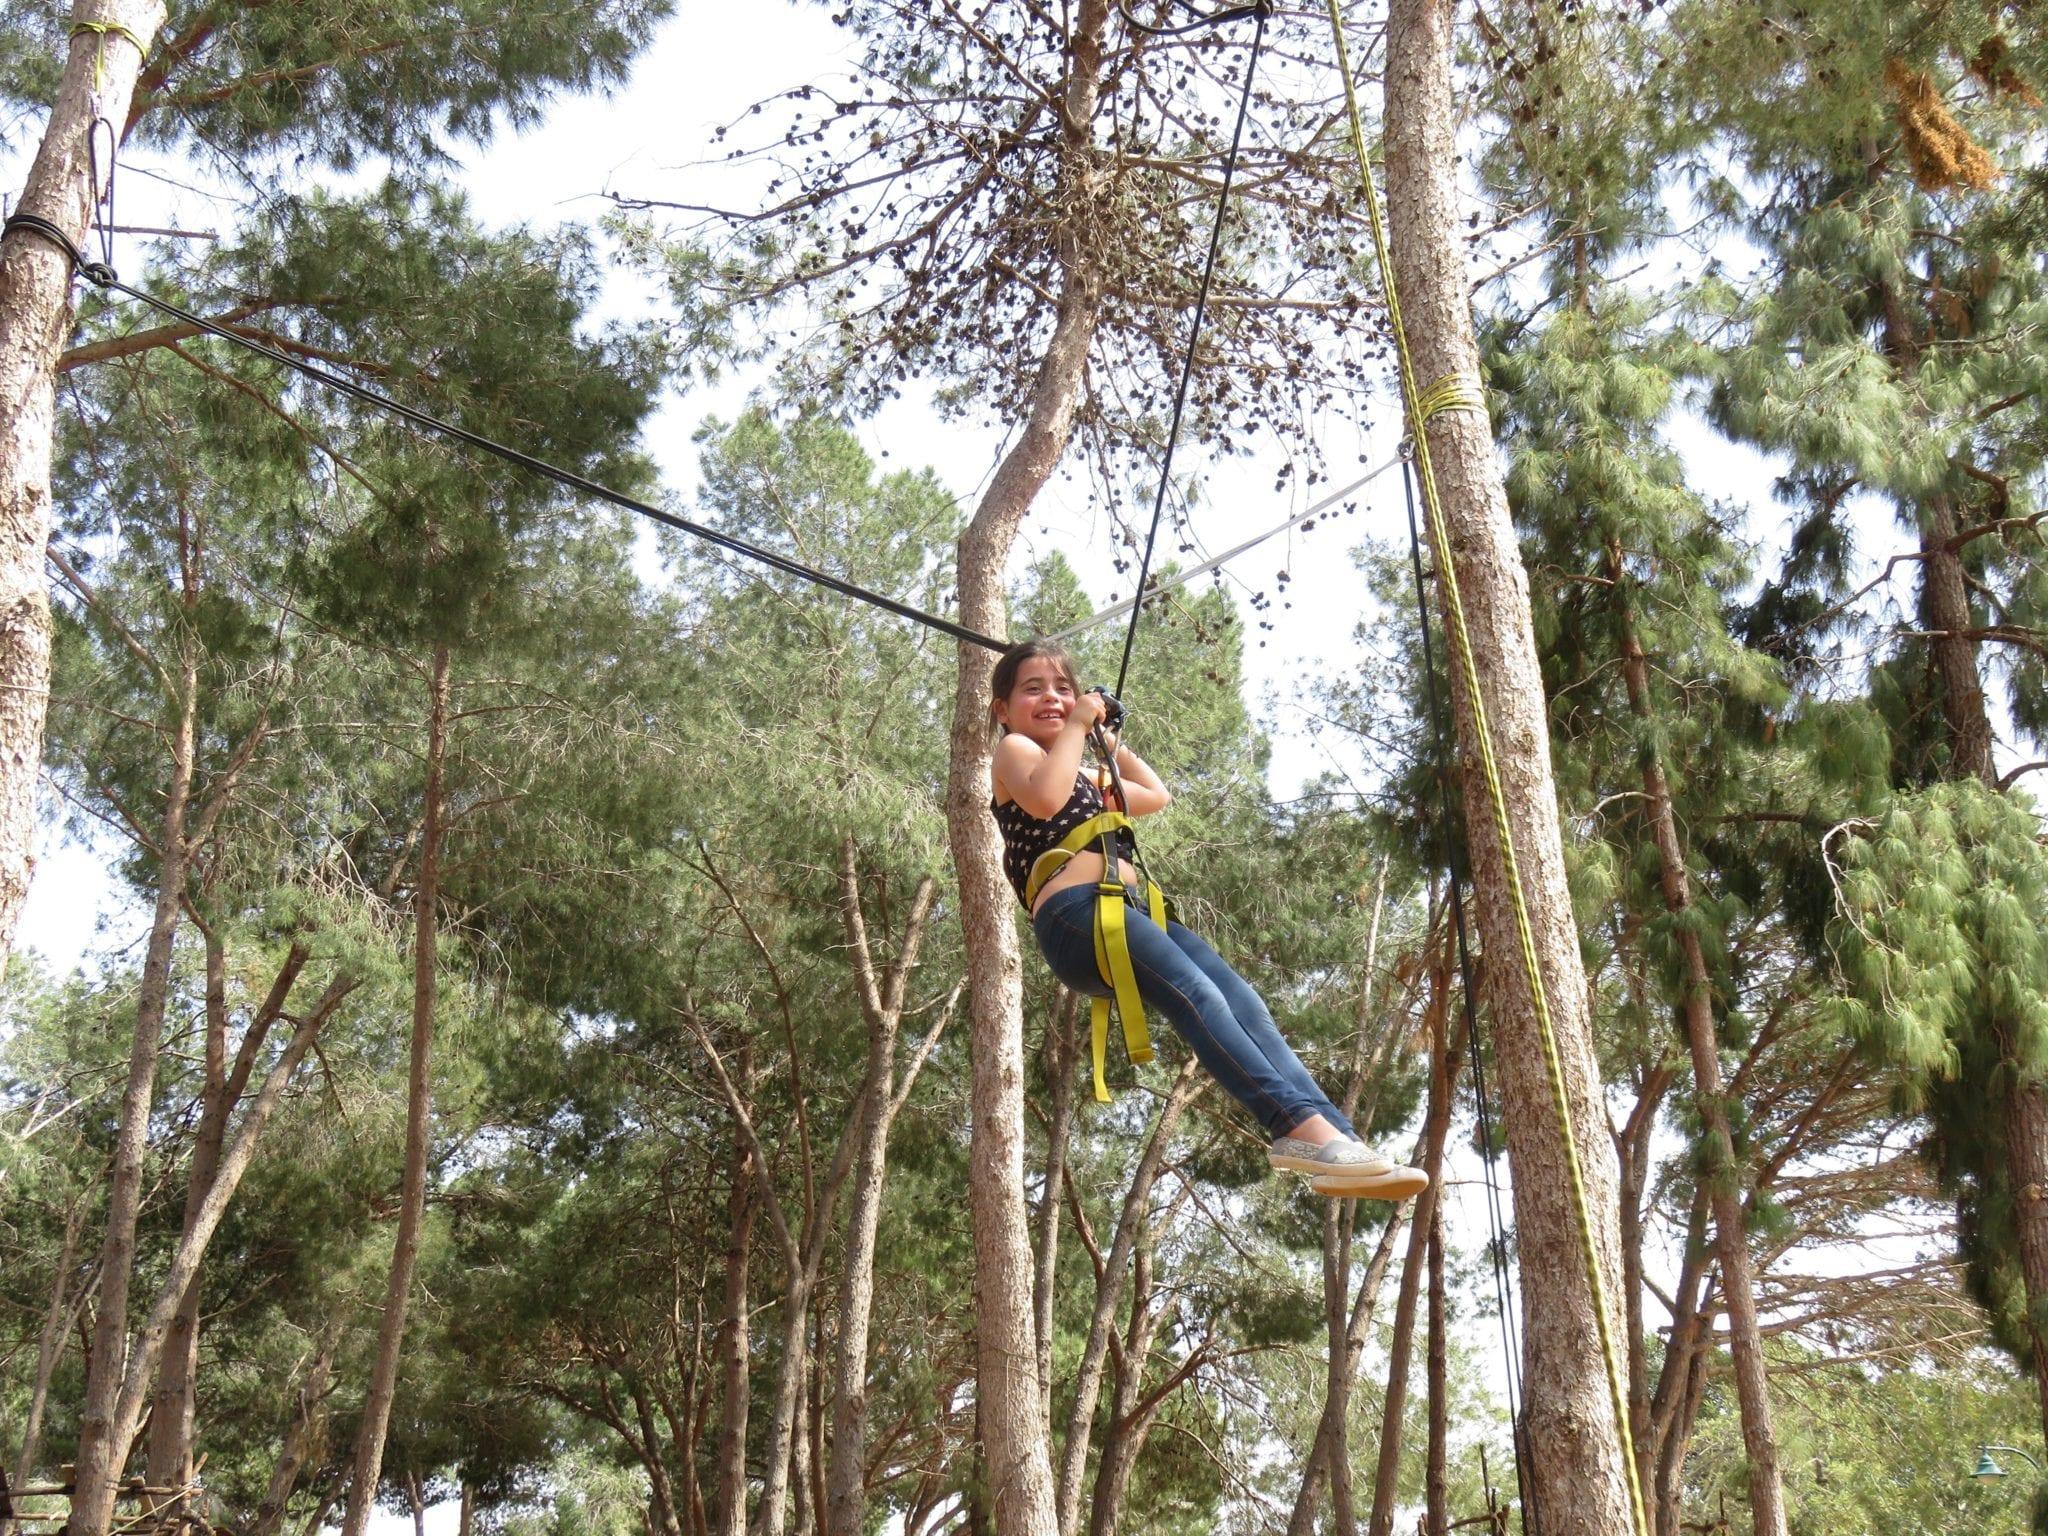 סווינג בין העצים יום הולדת אתגרי ערוצים בטבע